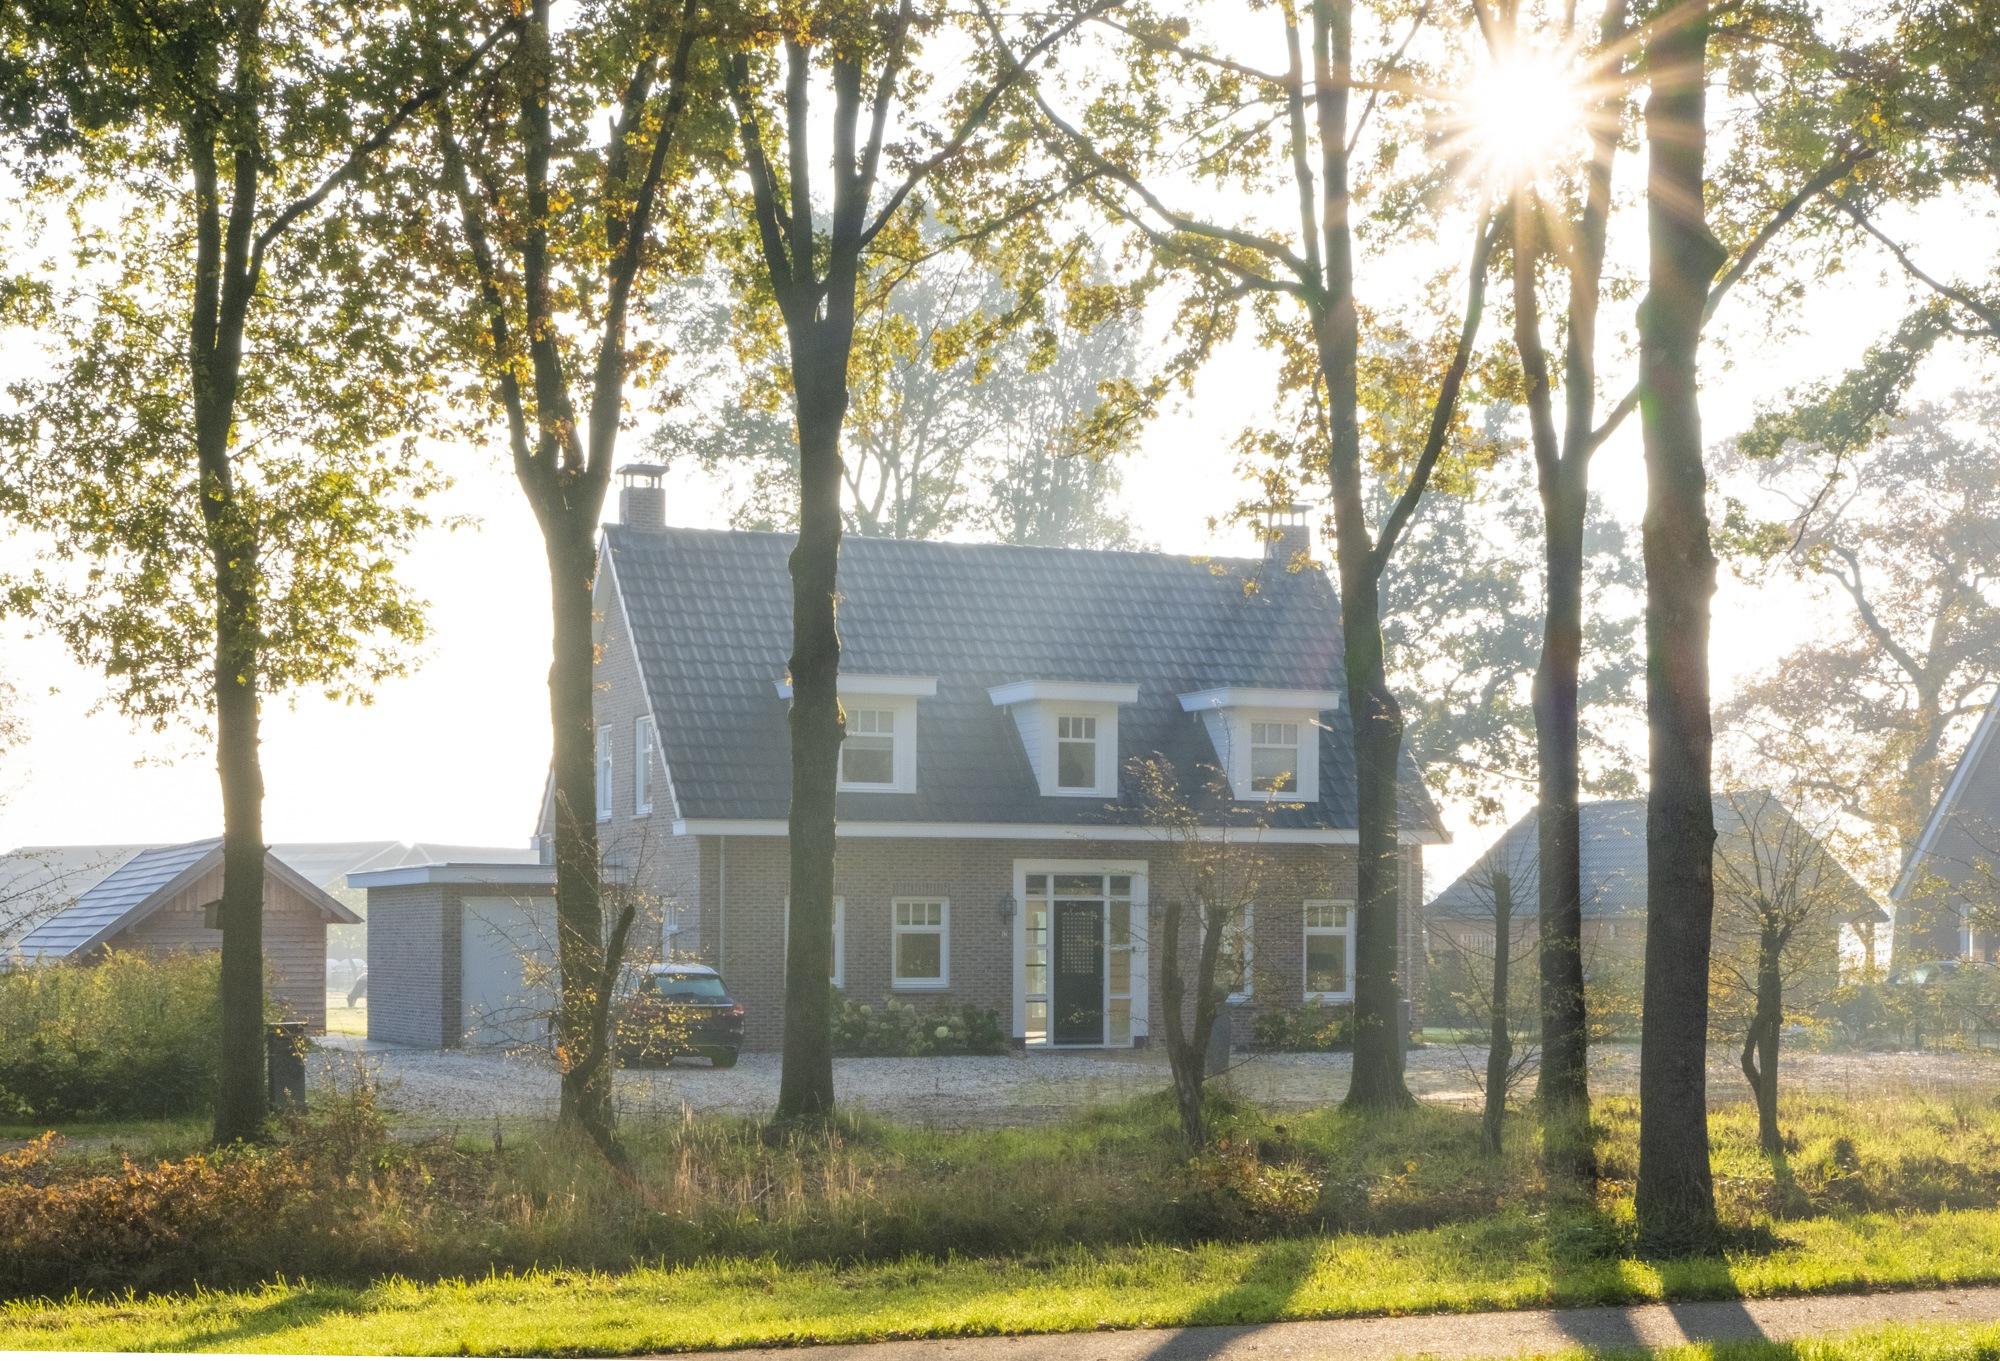 05-klarenbeekseweg-gerhart-witteveen-232